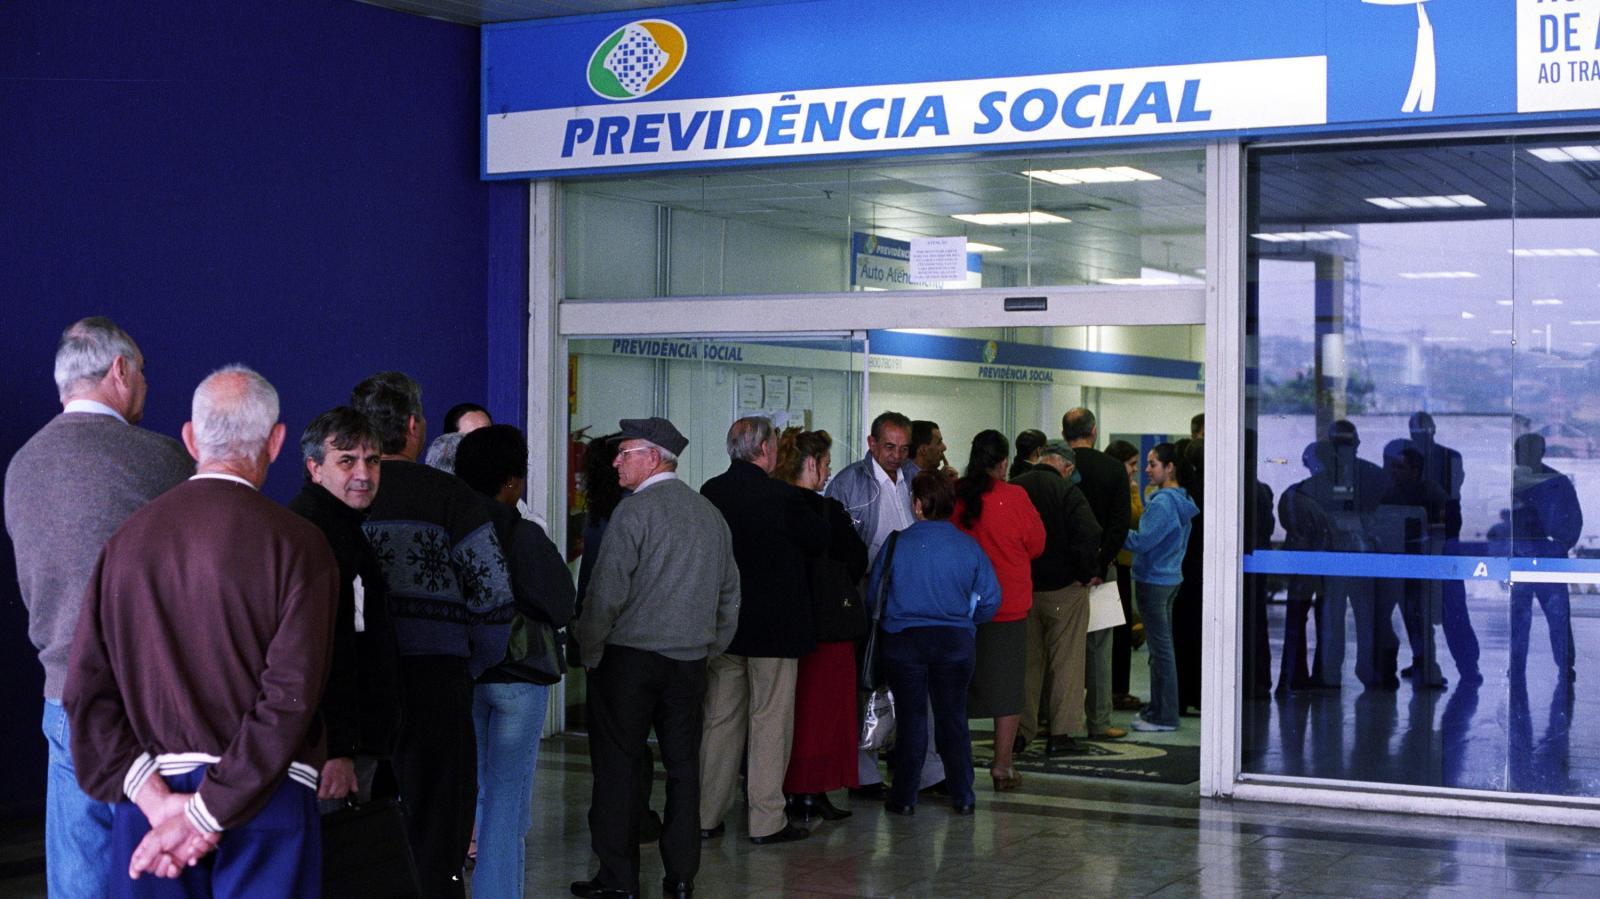 Acordo com Previ acaba e INSS ameaça leiloar folha de aposentados